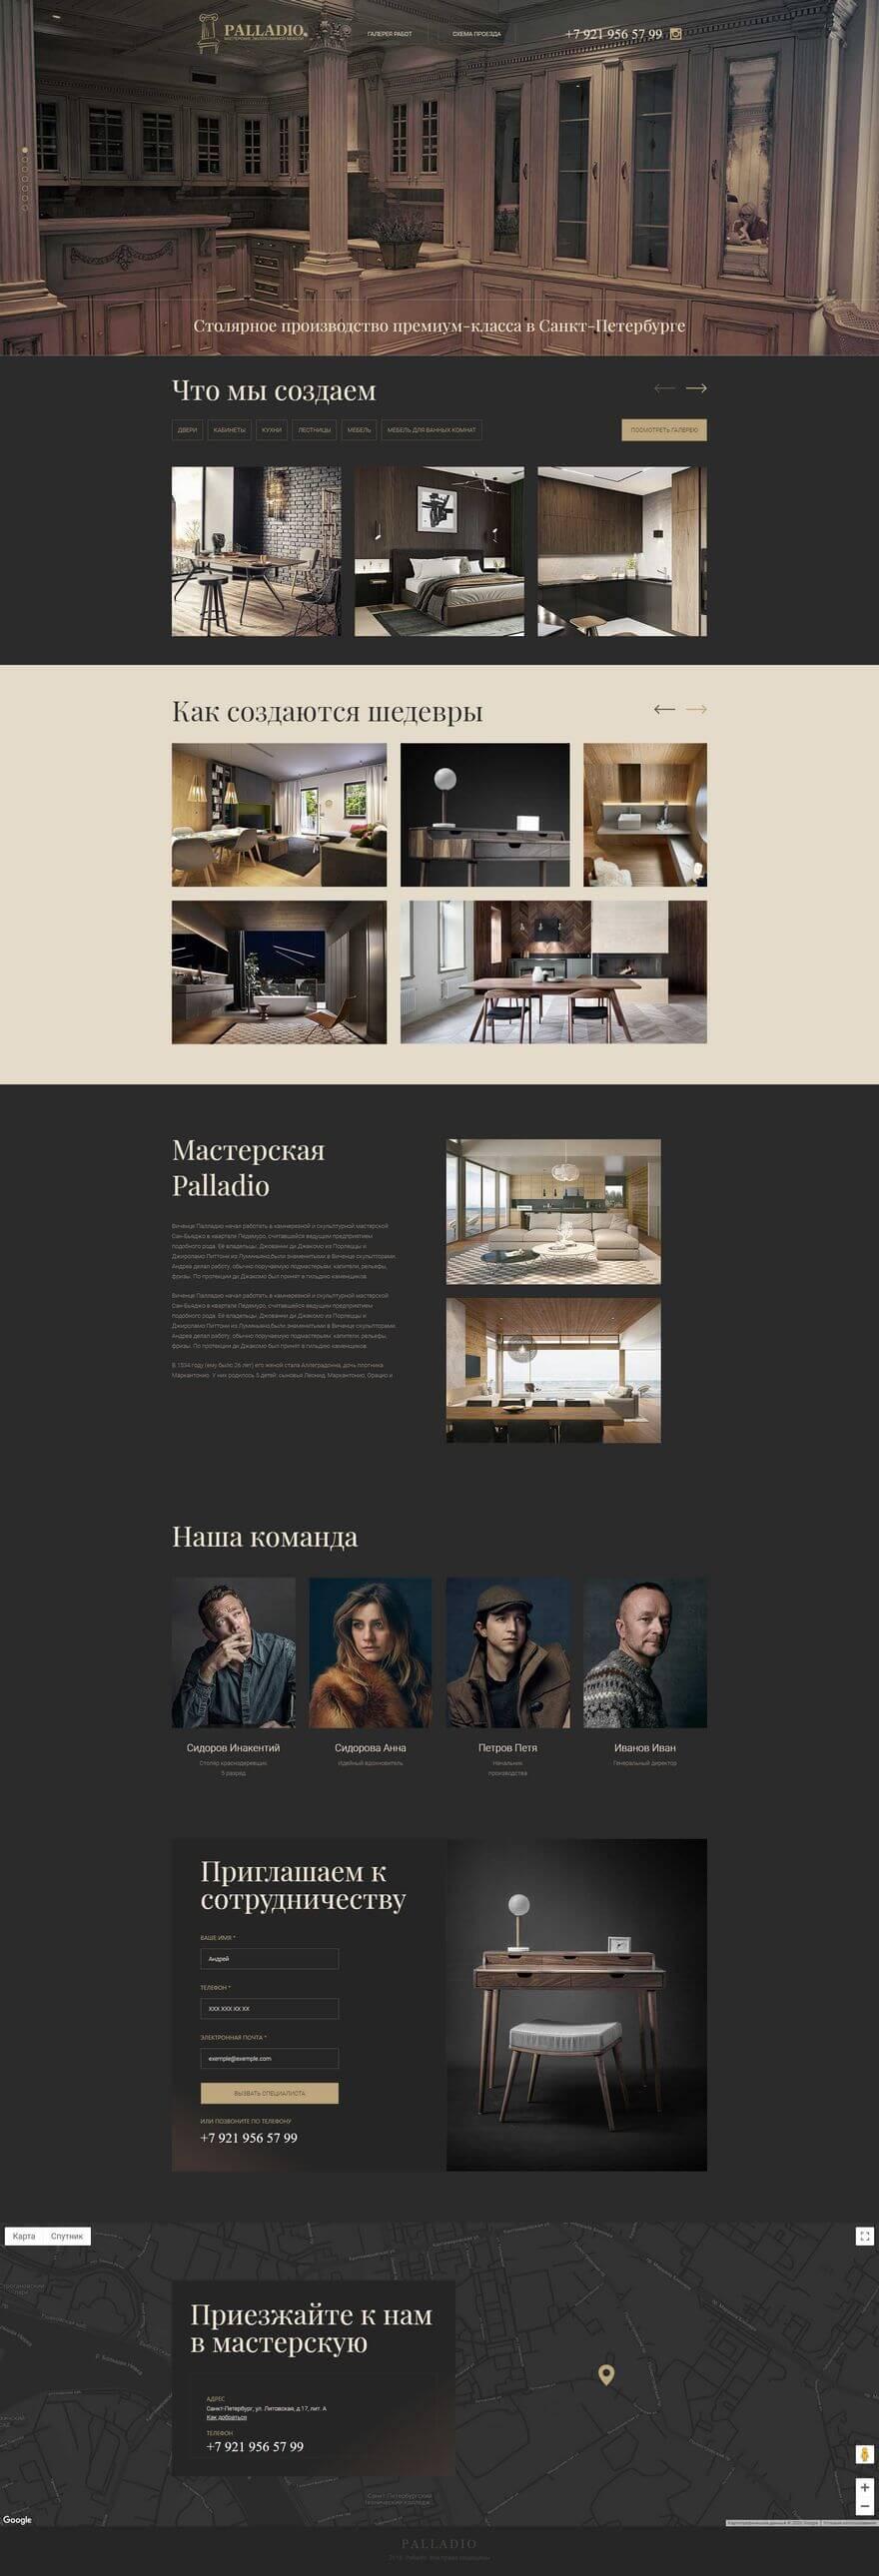 Сайт мастерской эксклюзивной мебели